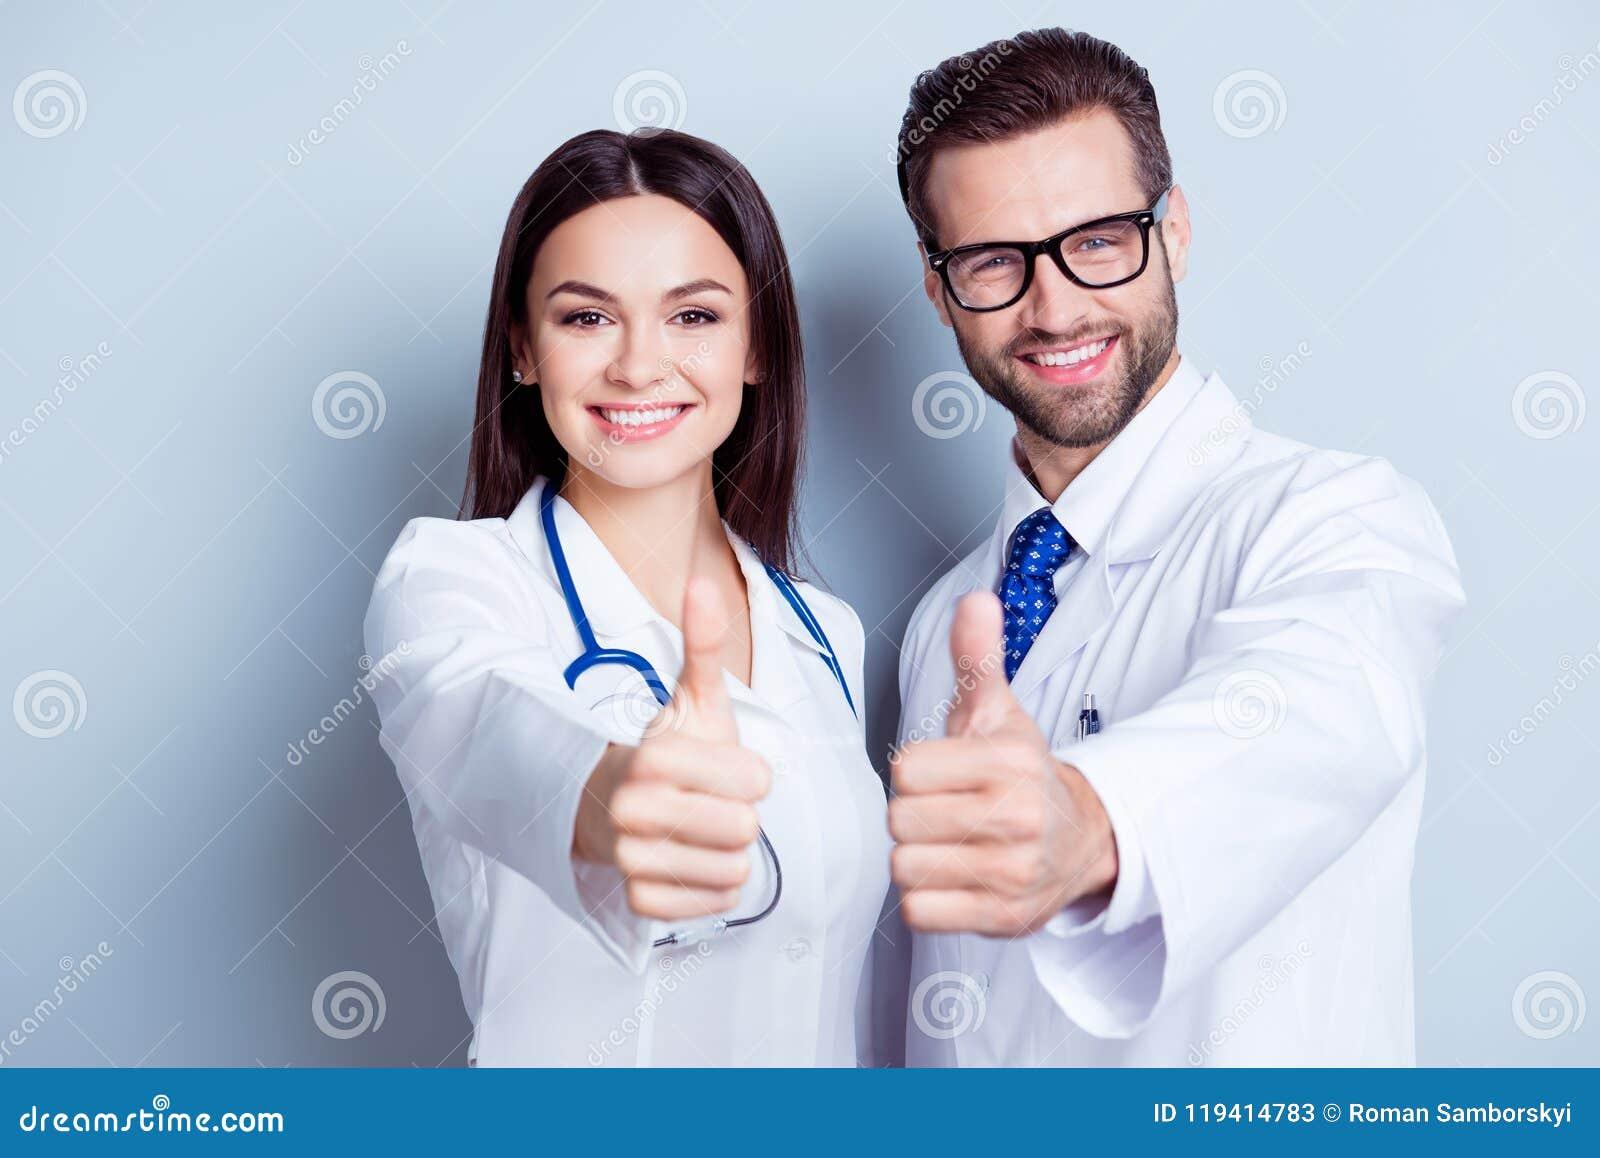 Trabajadores felices del médico Retrato de dos doctores en las capas blancas y